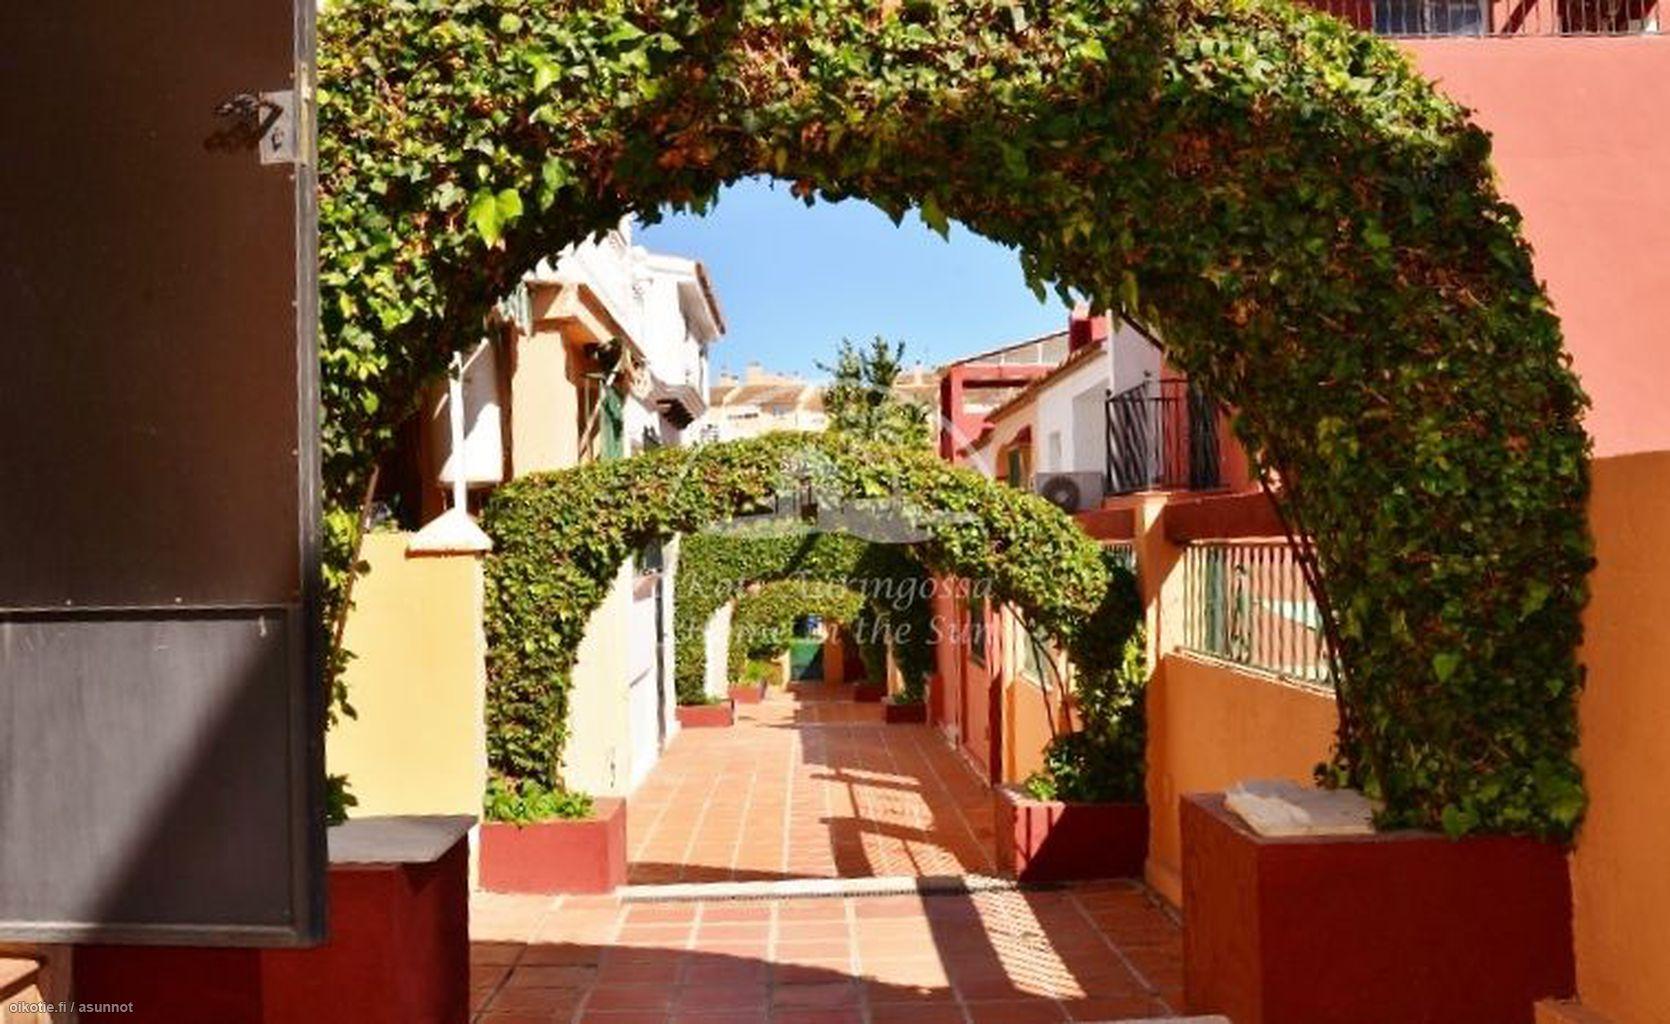 130 m² Calle Rio Pasadas, 29640 Fuengirola Paritalo 5h myynnissä - Oikotie 14621051